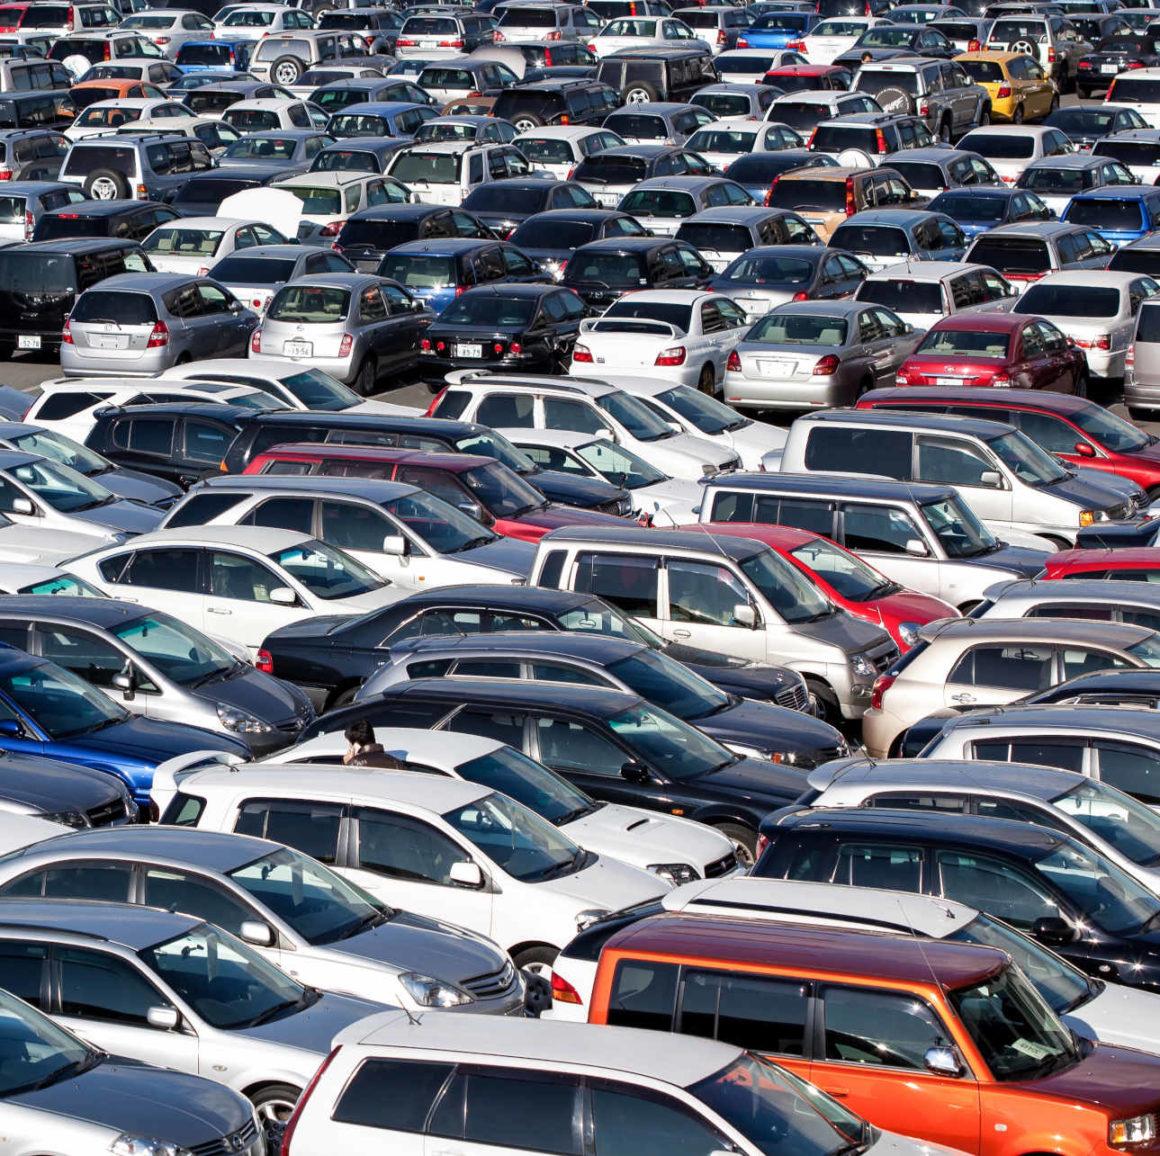 Das Bild zeigt eine Fülle verschiedenster geparkter PKW.